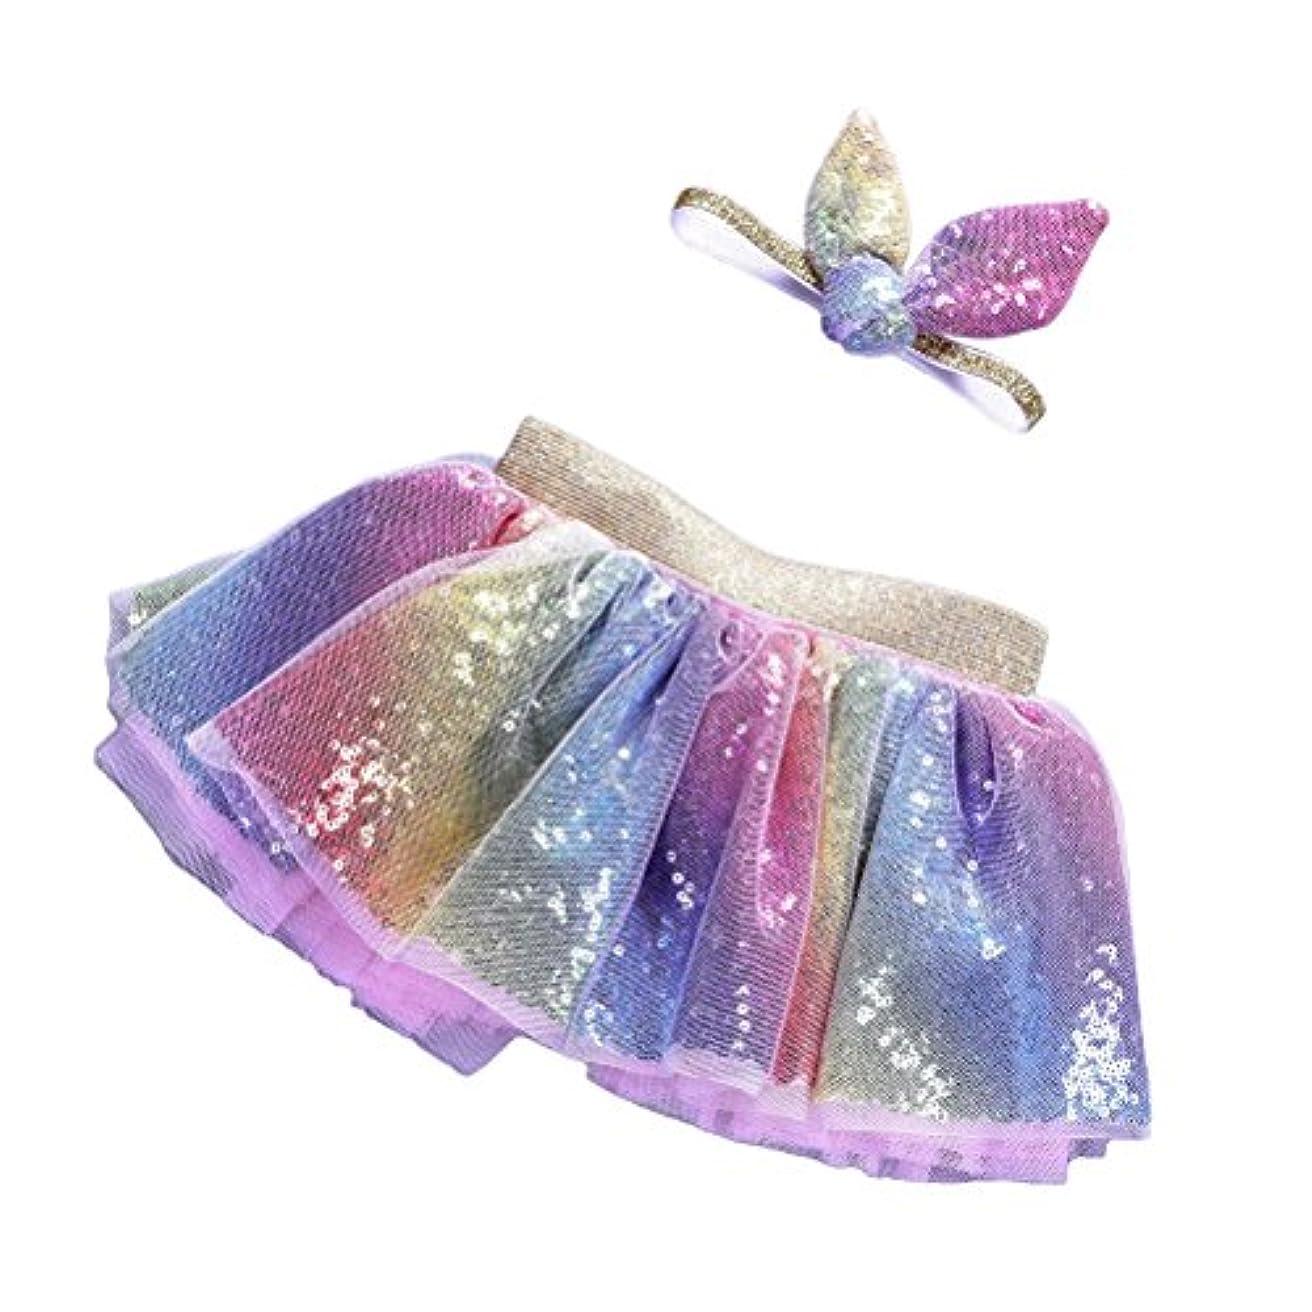 家事凍る浮浪者LUOEM 2PCSレインボーツツースカート(ヘッドバンド付き)プリンセスガールツツーの服装ベビーガールズ誕生日の服セットサイズM(2?5歳)